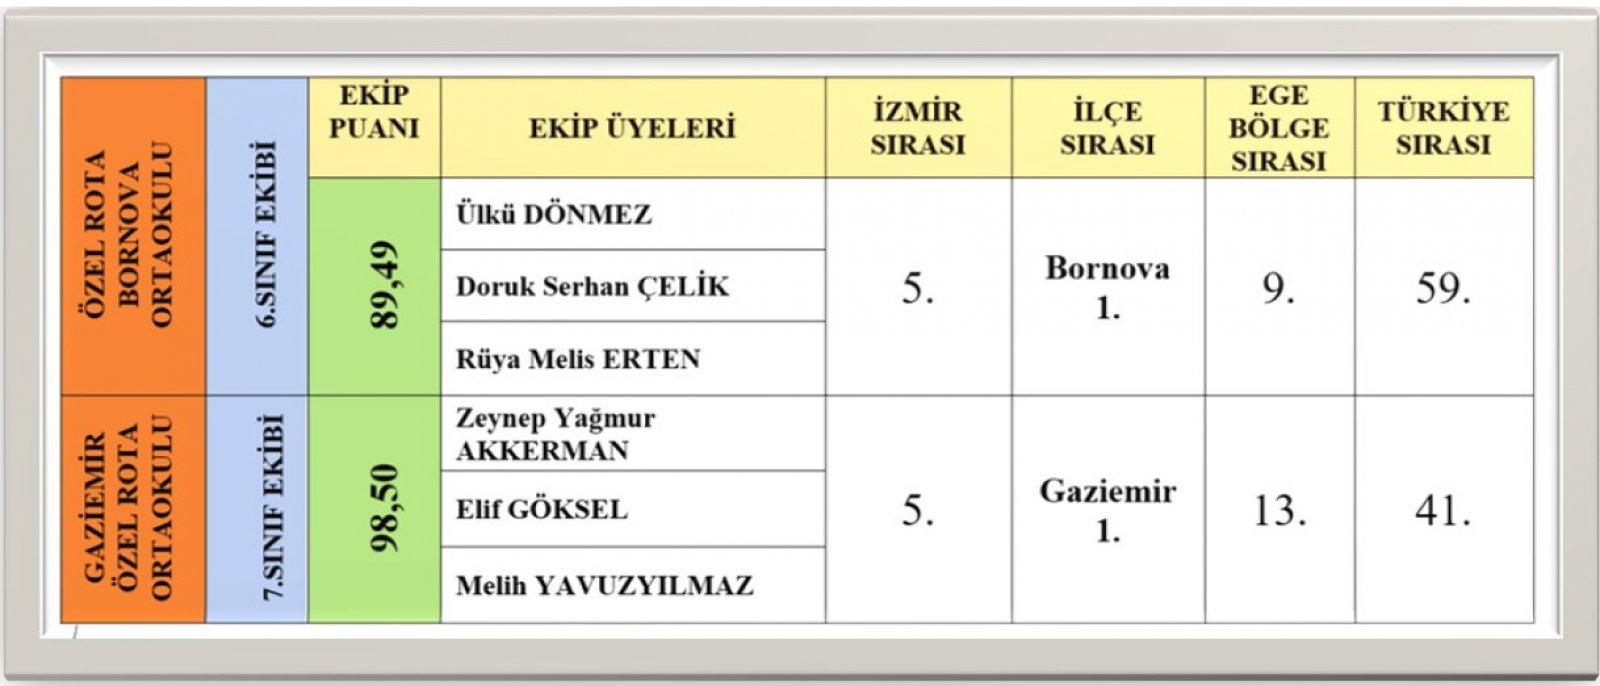 Türkiye Zekâ Vakfı 2020-2021 Türkiye Okullar Arası Zekâ Oyunları Şampiyonası